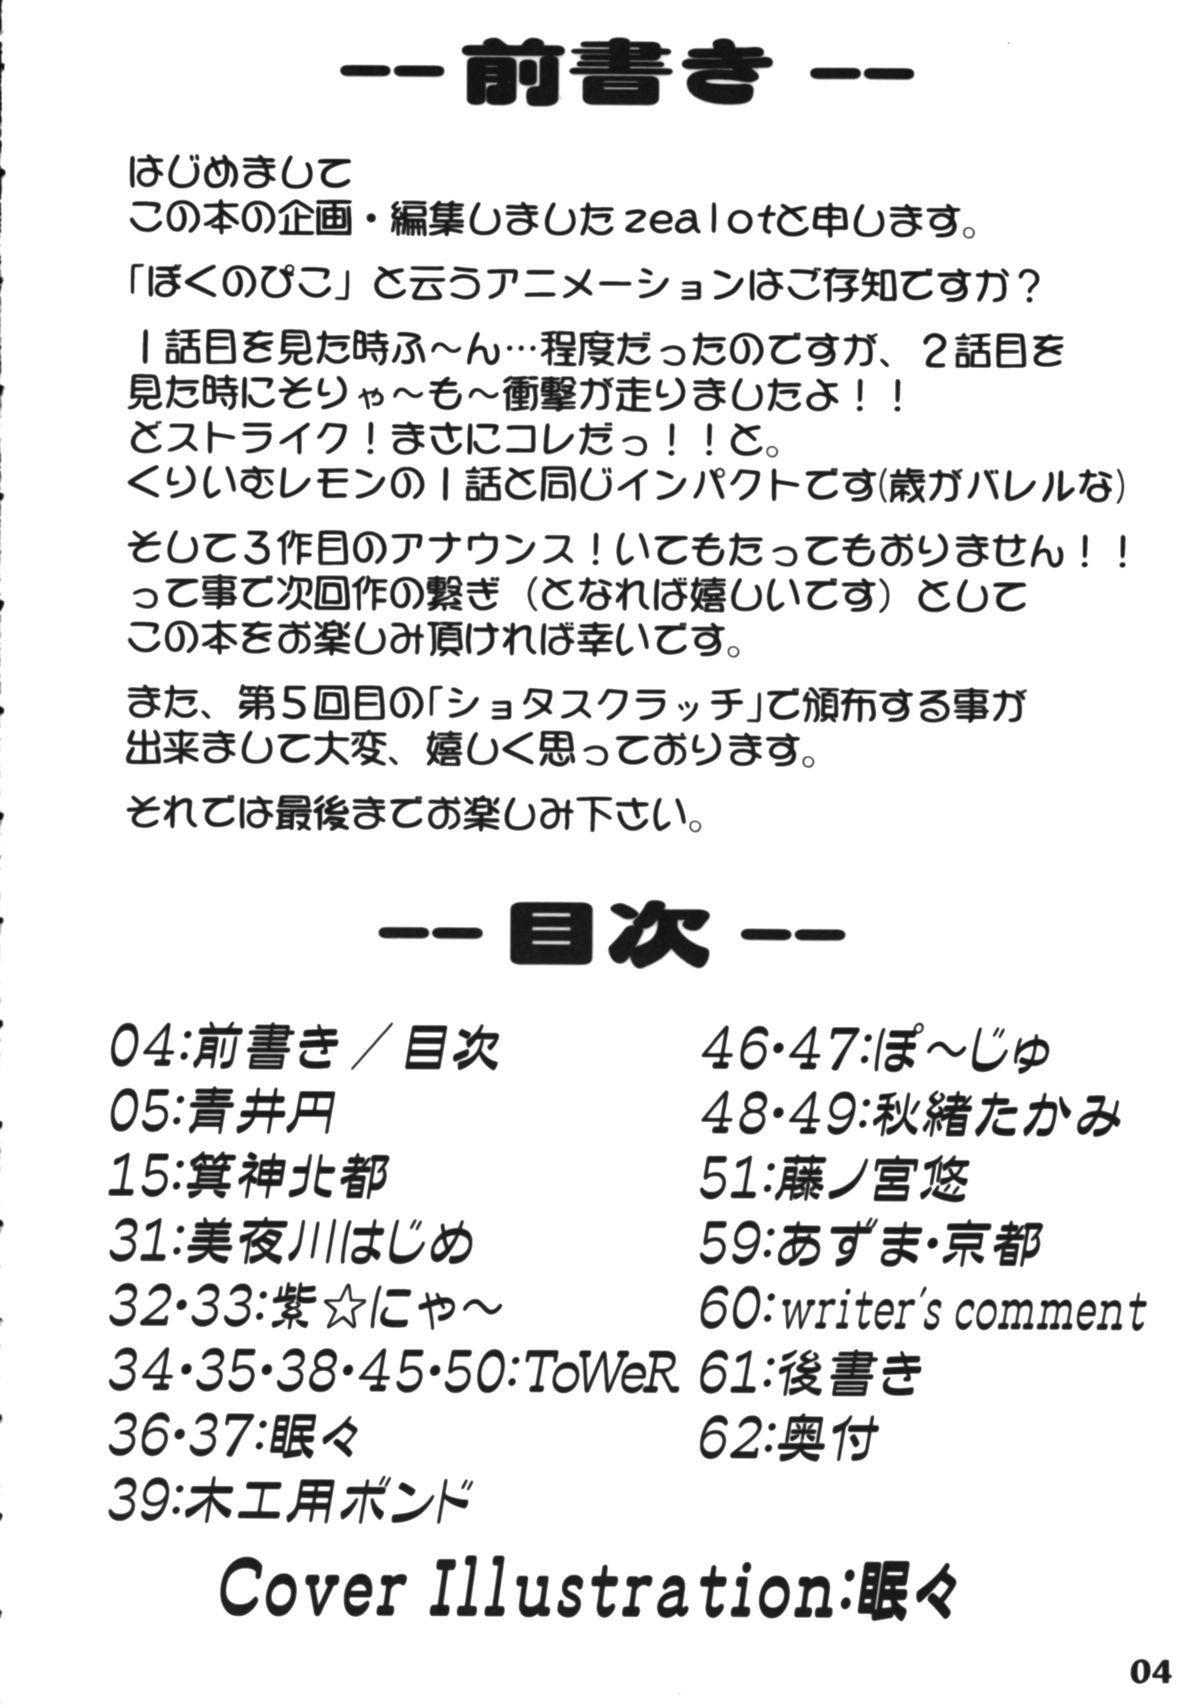 Bokutachi! Shotappuru!! 3